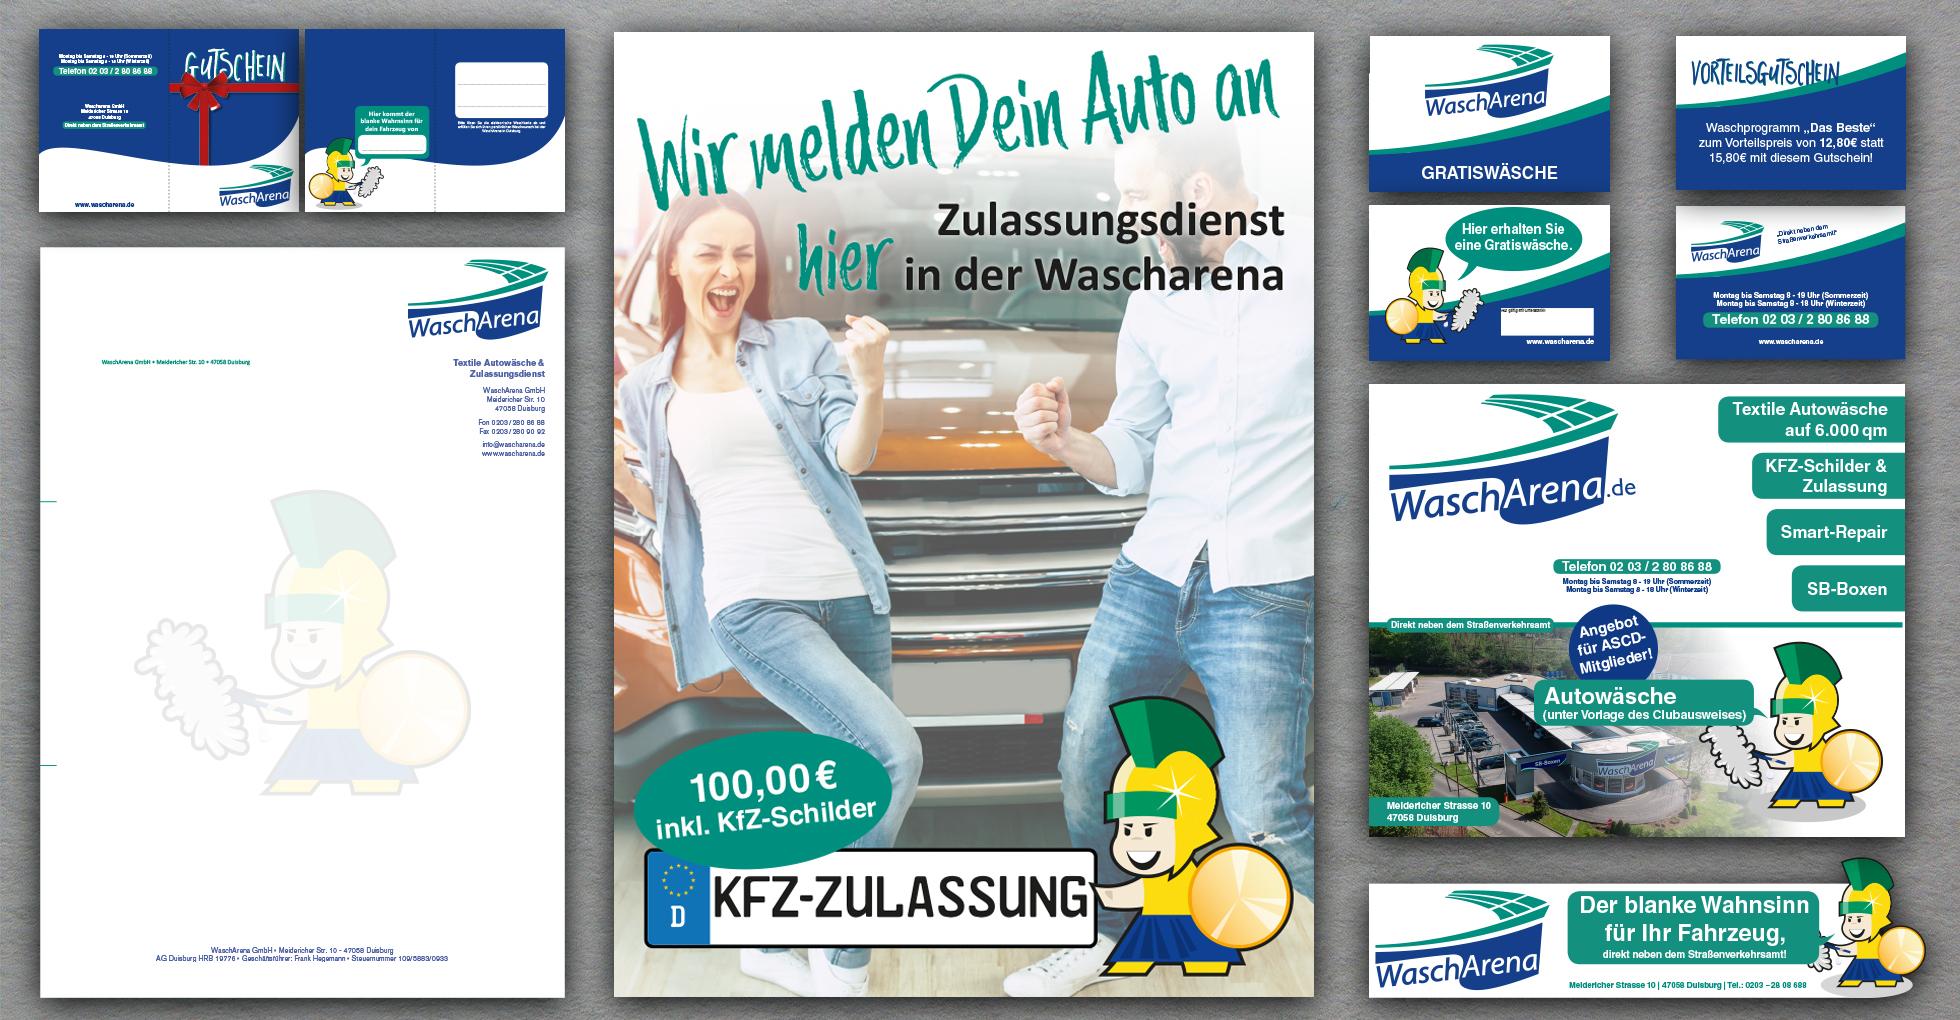 Geschäftsausstattung, Gutscheine, Plakat, Anzeigen und Werbeflyer